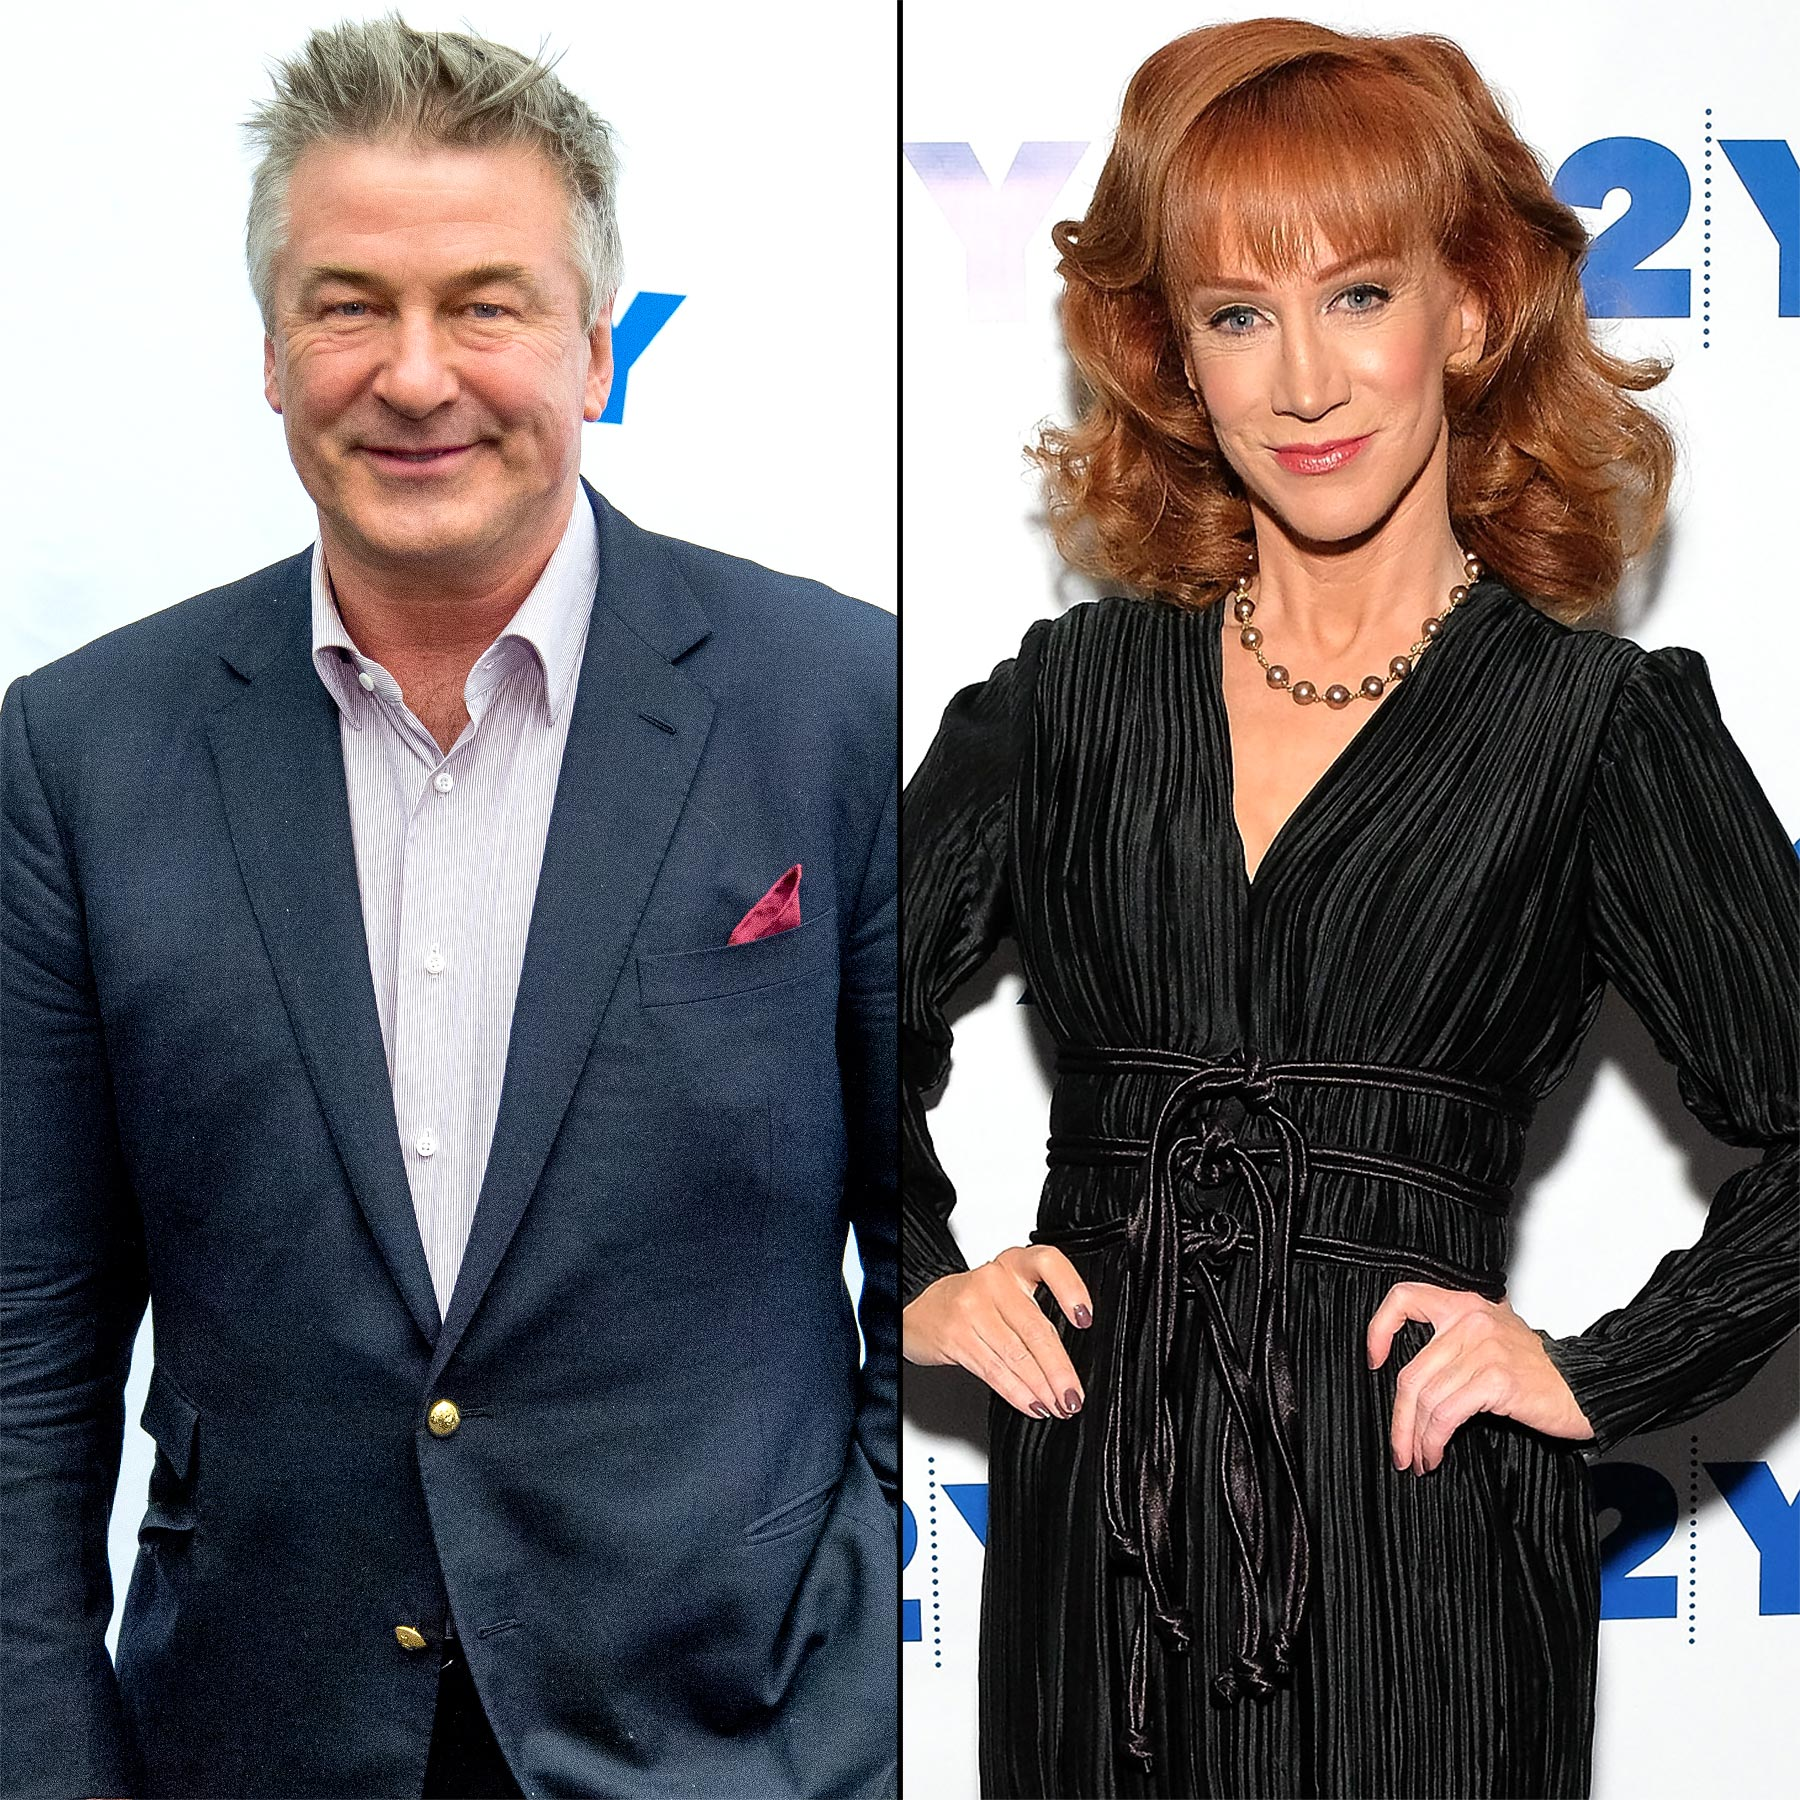 Alec-Baldwin-Kathy-Griffin